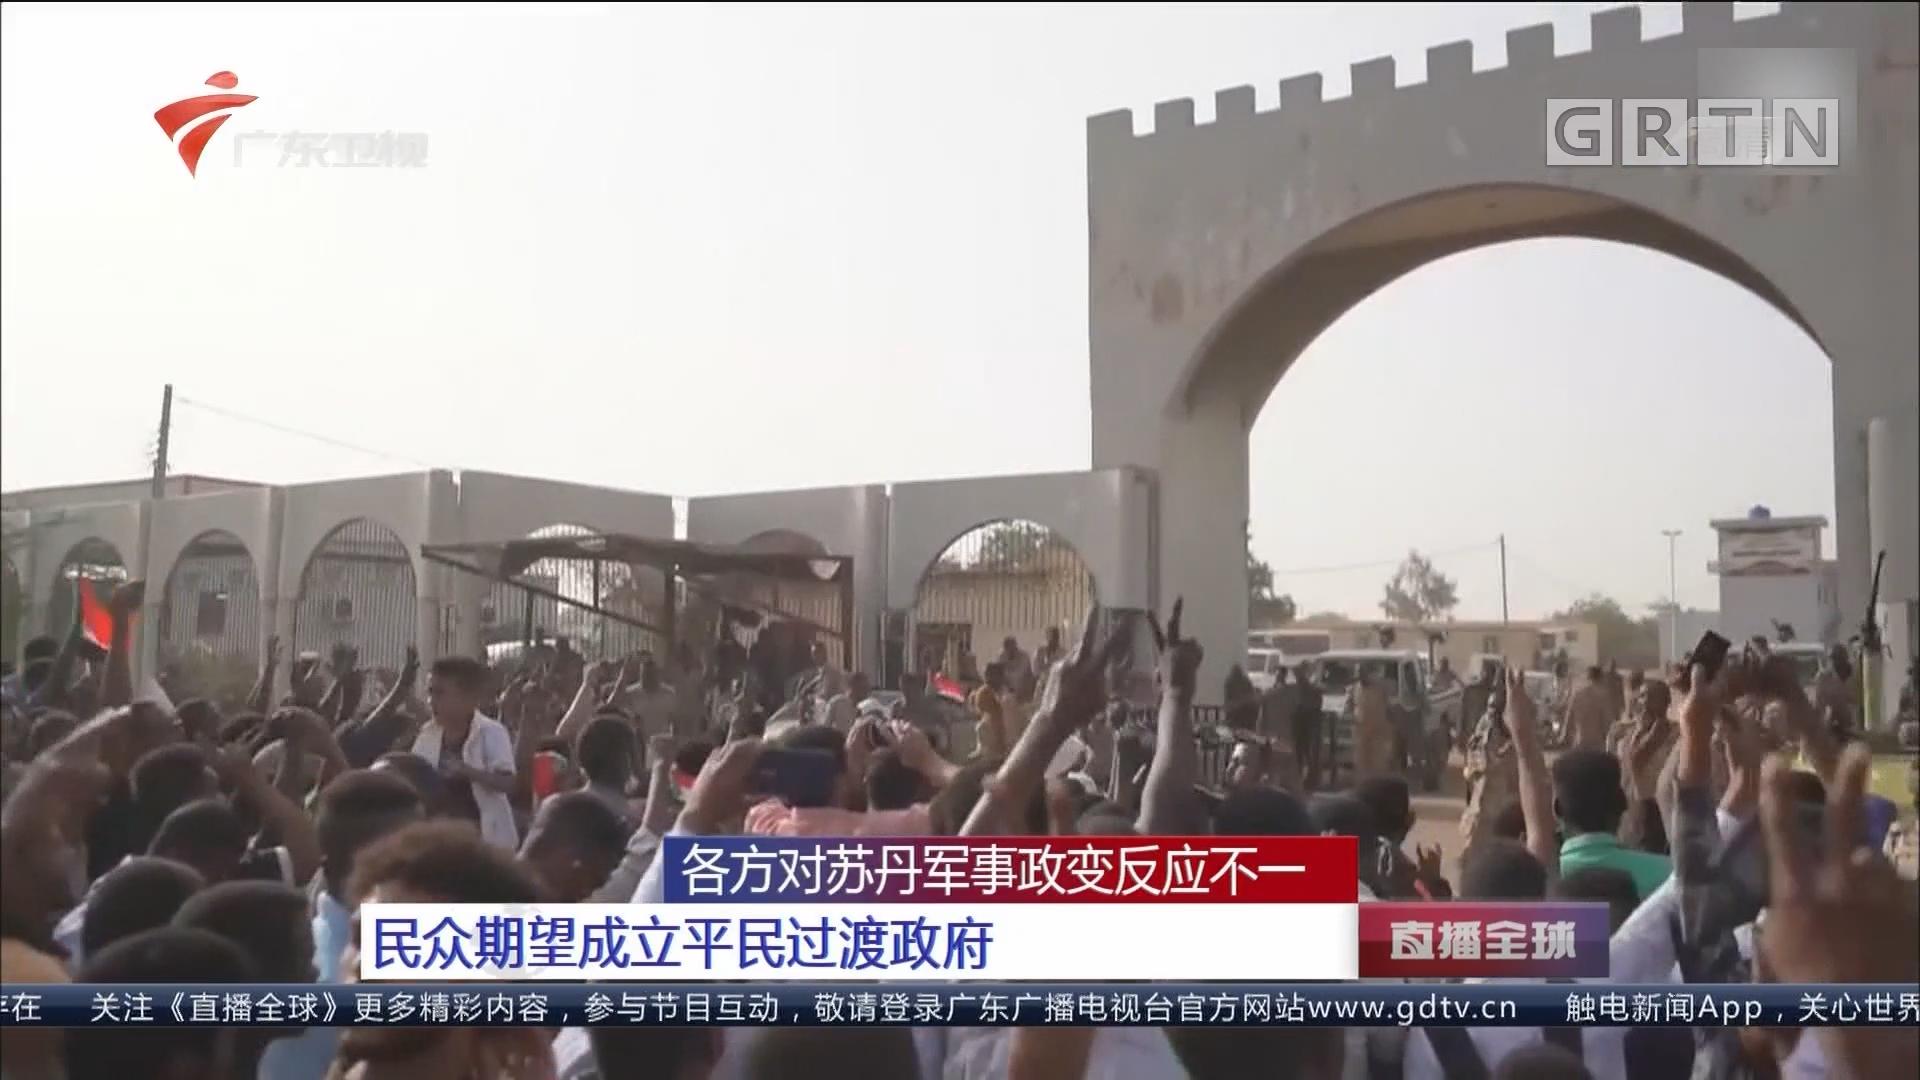 各方对苏丹军事政变反应不一:民众期望成立平民过渡政府